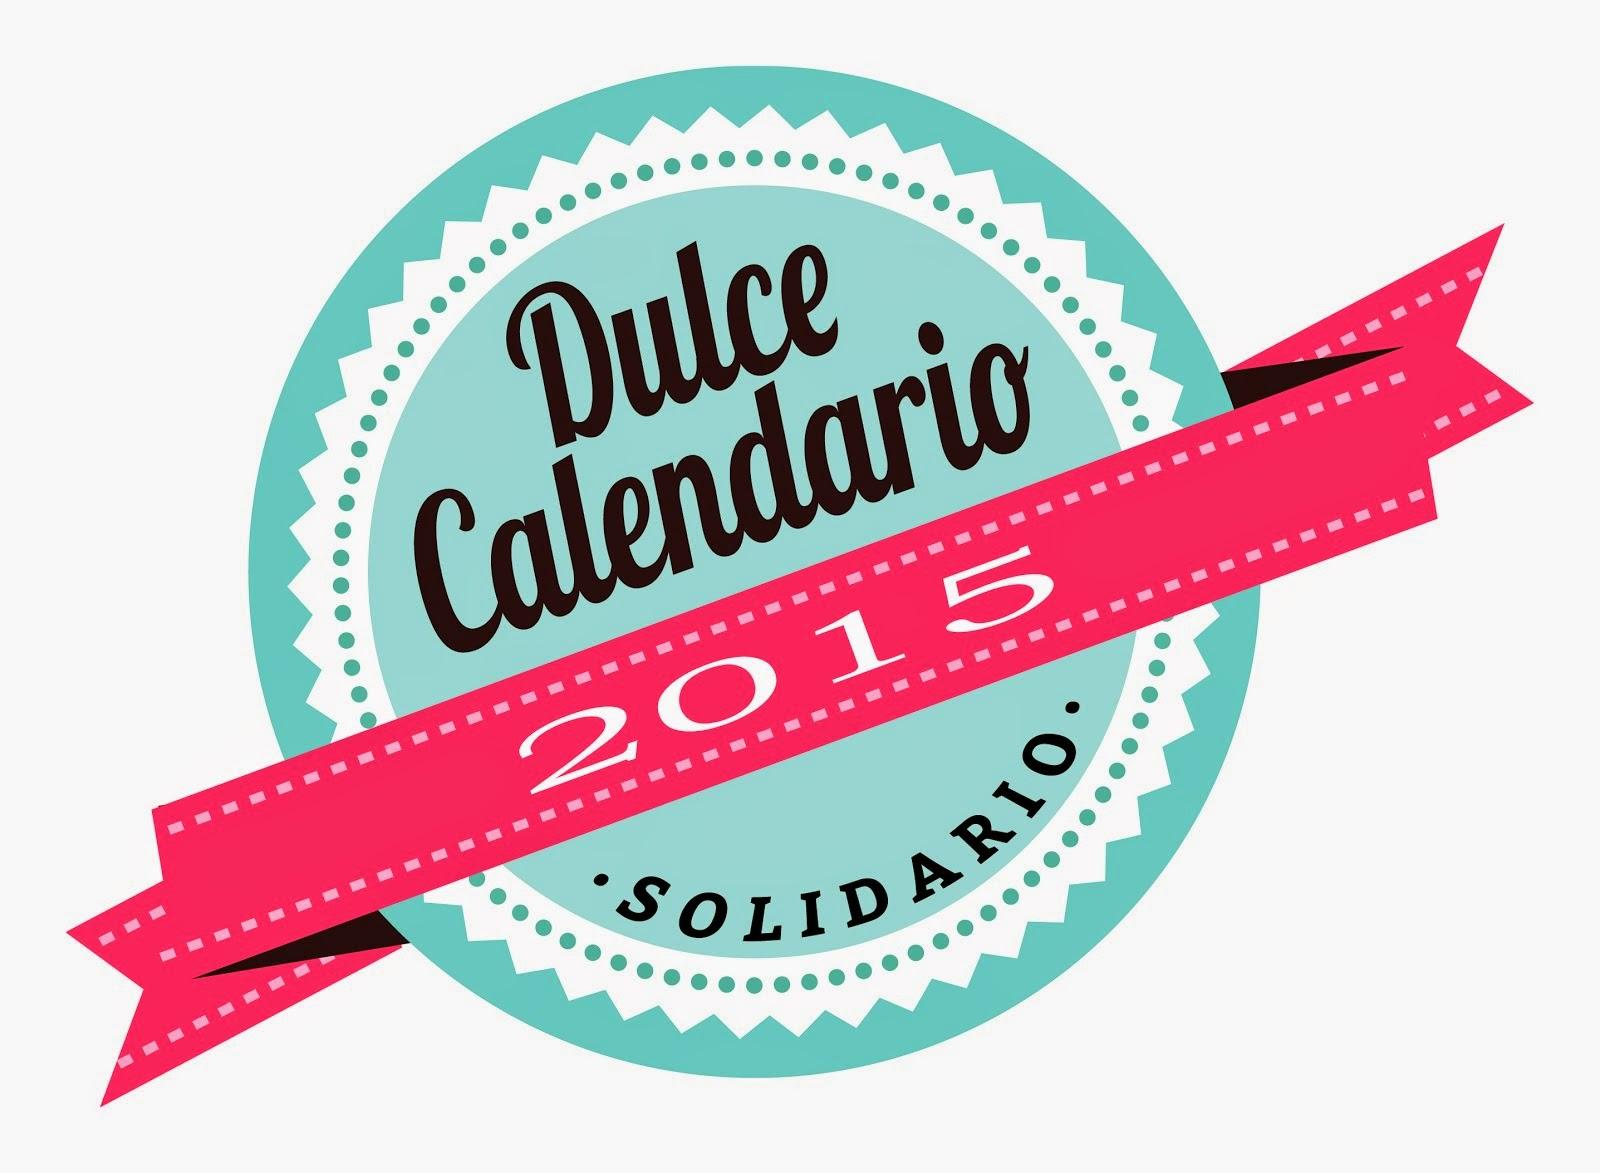 Dulce Calendario Solidario 2015